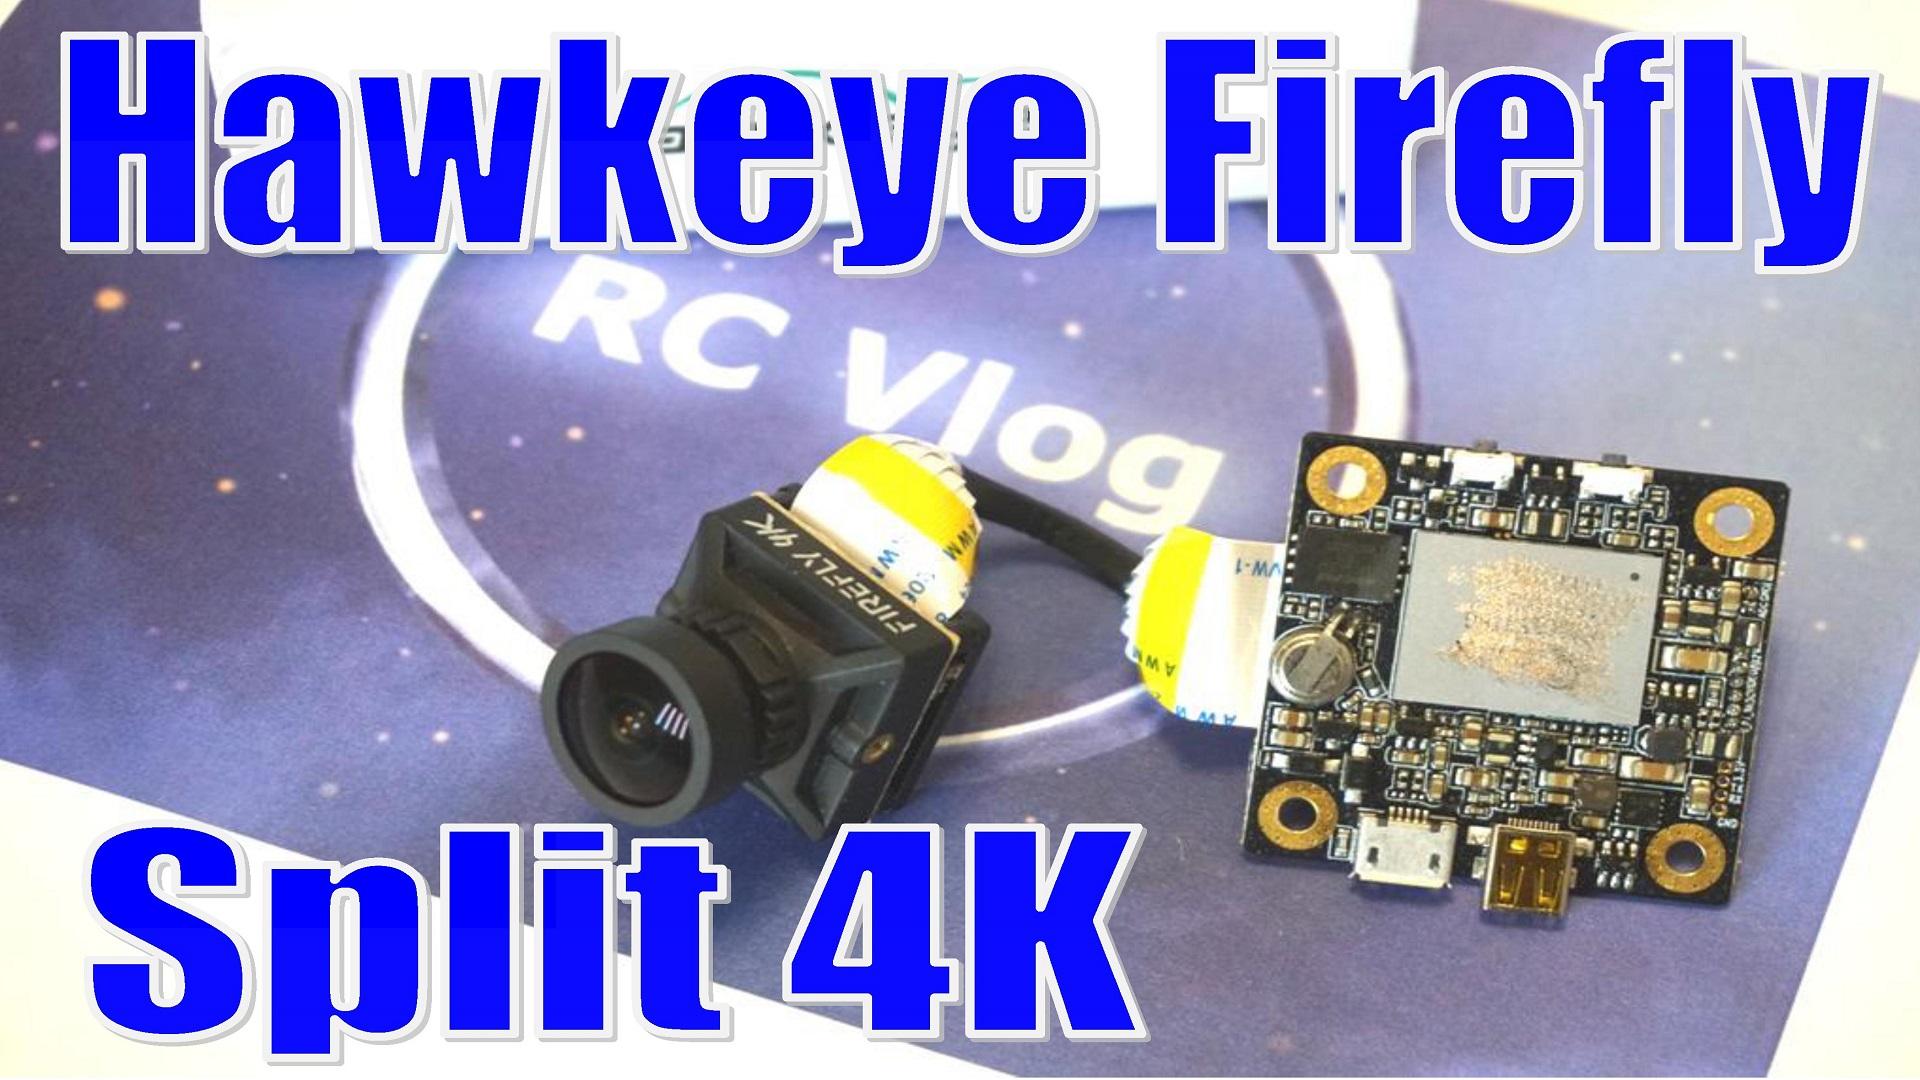 Hawkeye Firefly Split 4K